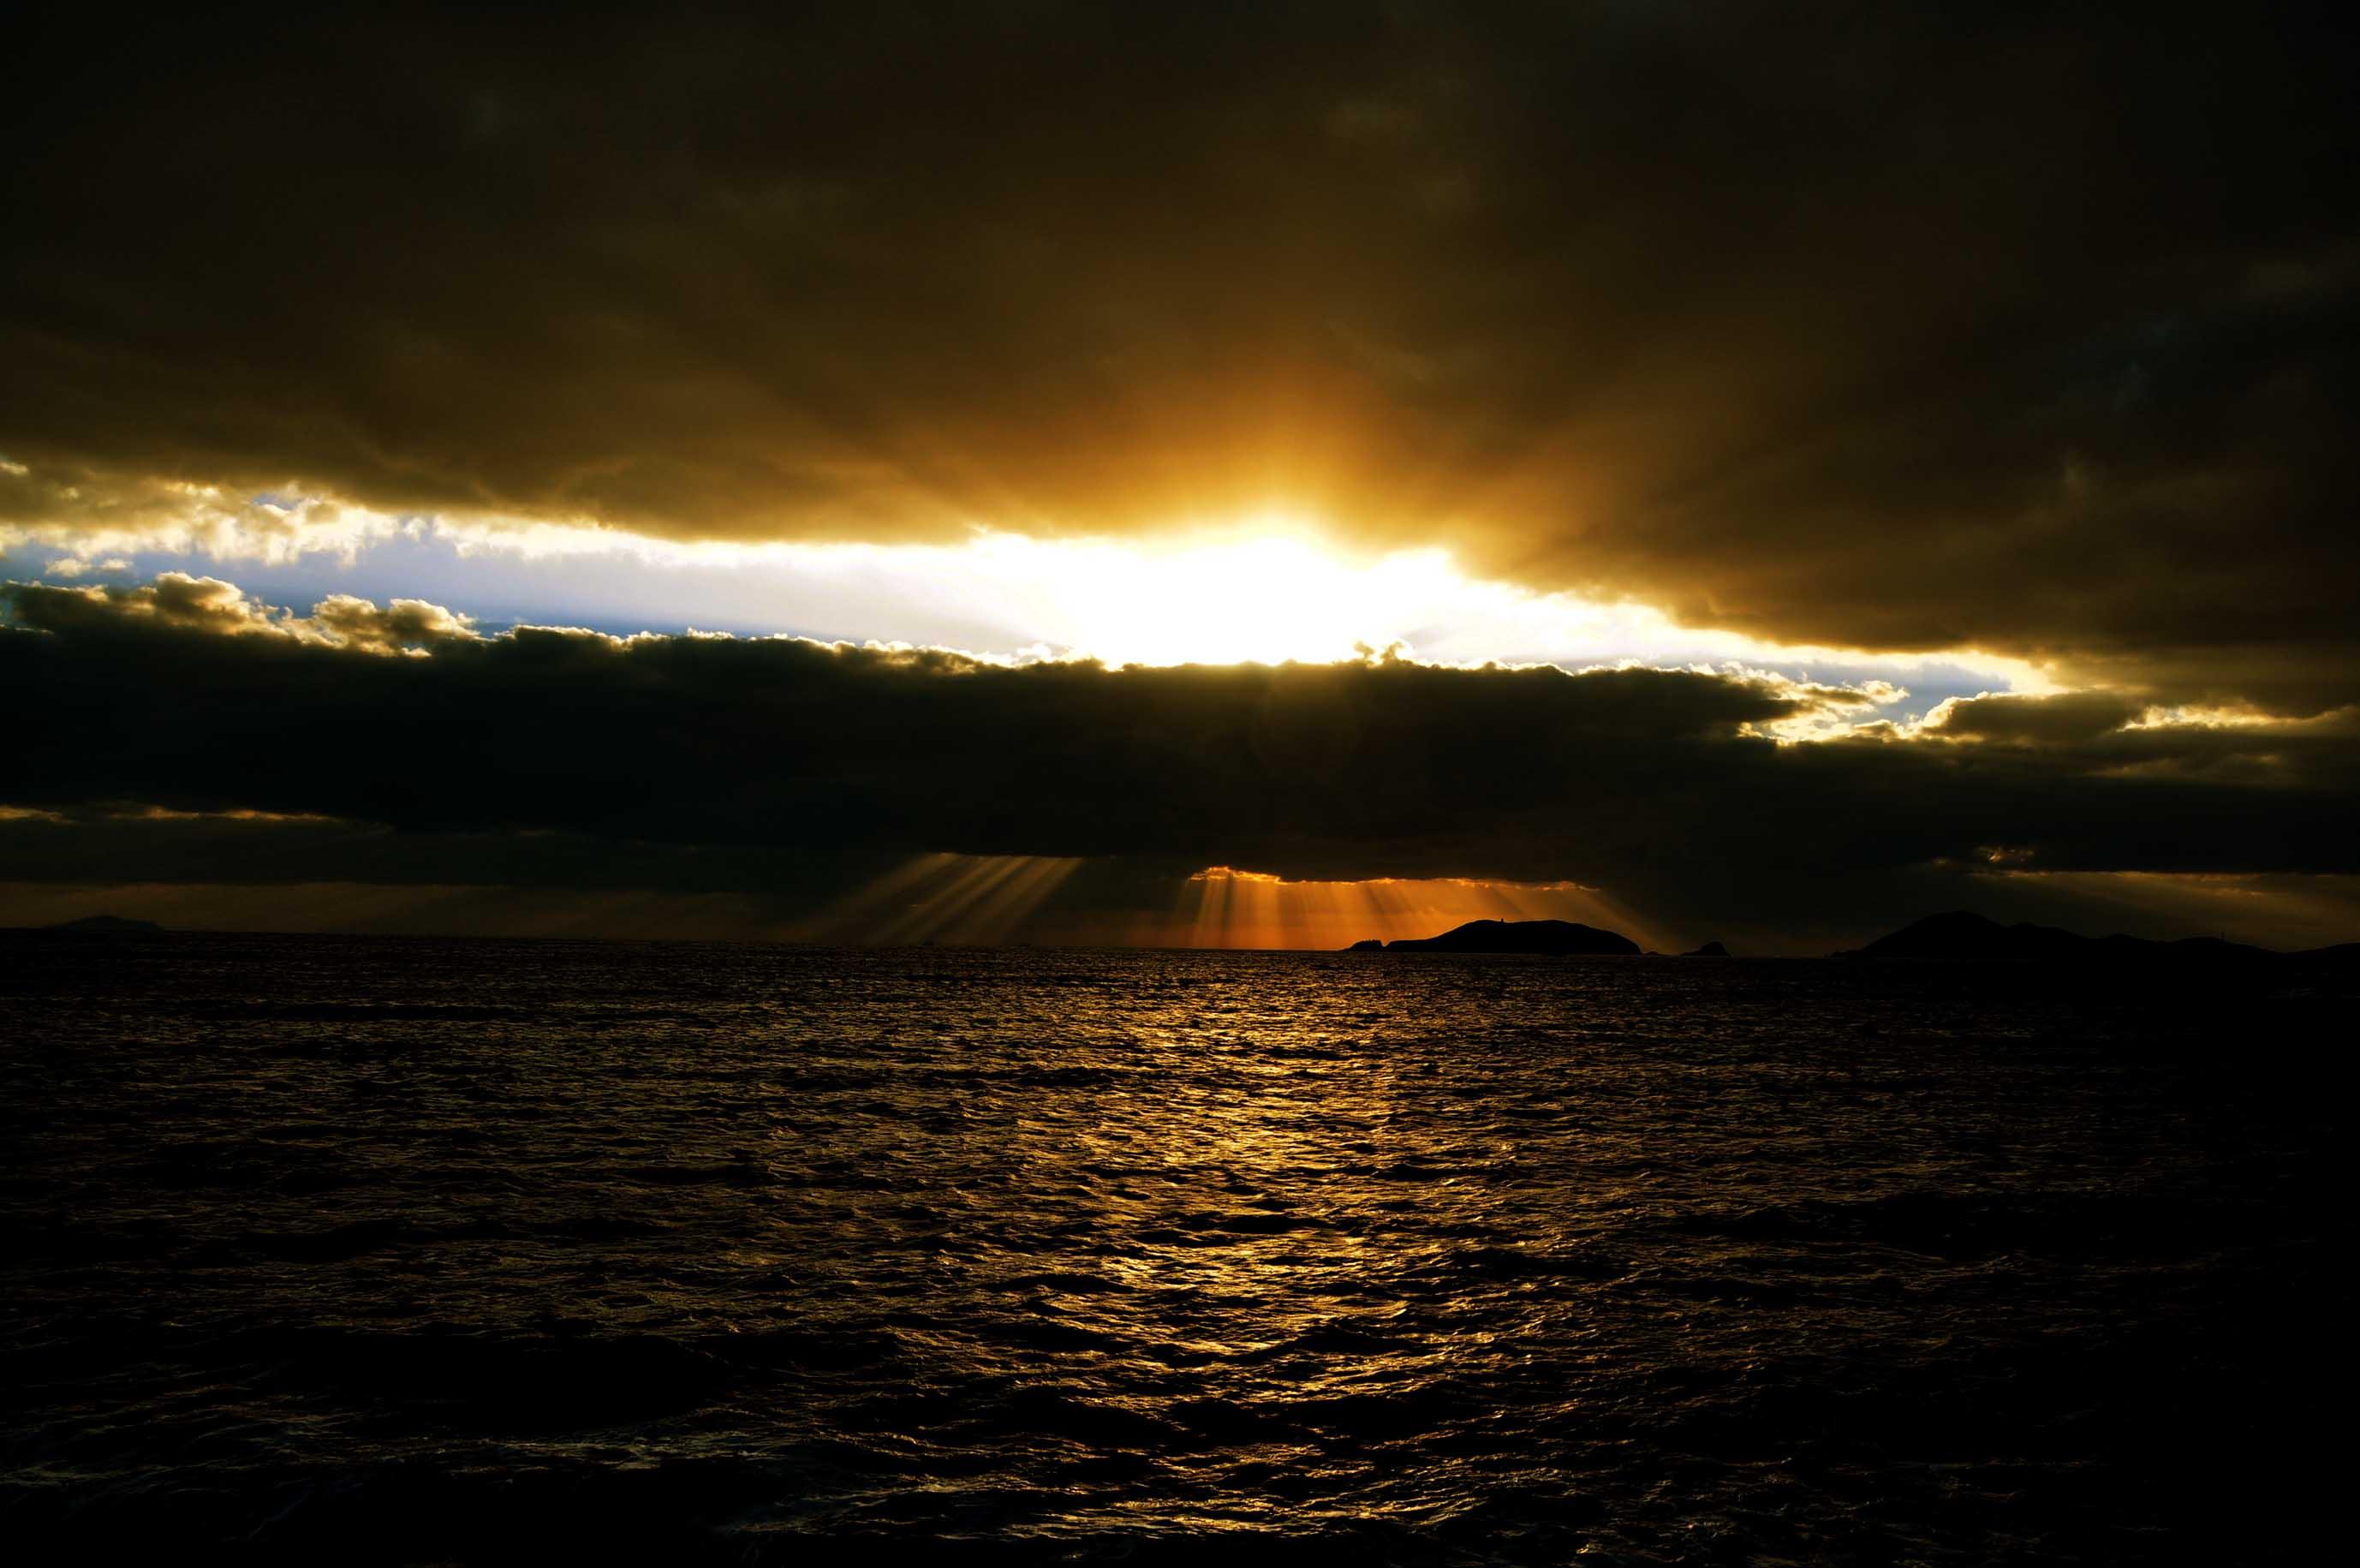 舟山群岛---日出霞光遇拍